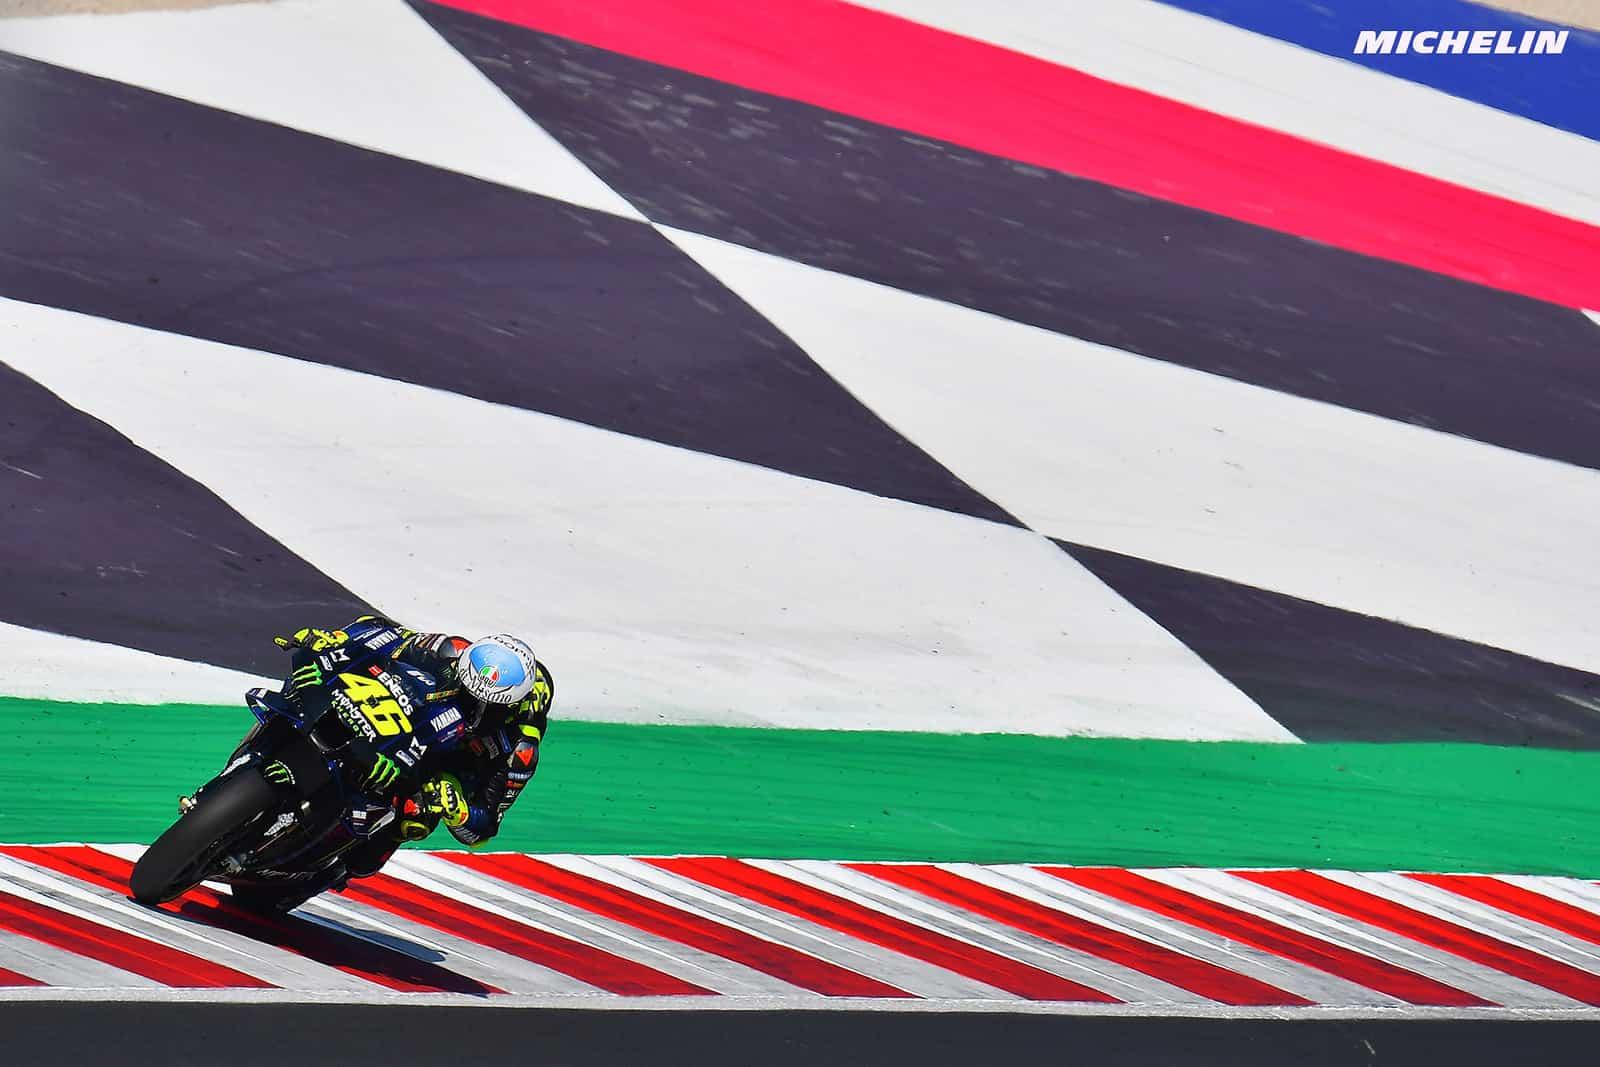 MotoGPレースディレクター トラックリミットに関するルールを明確化